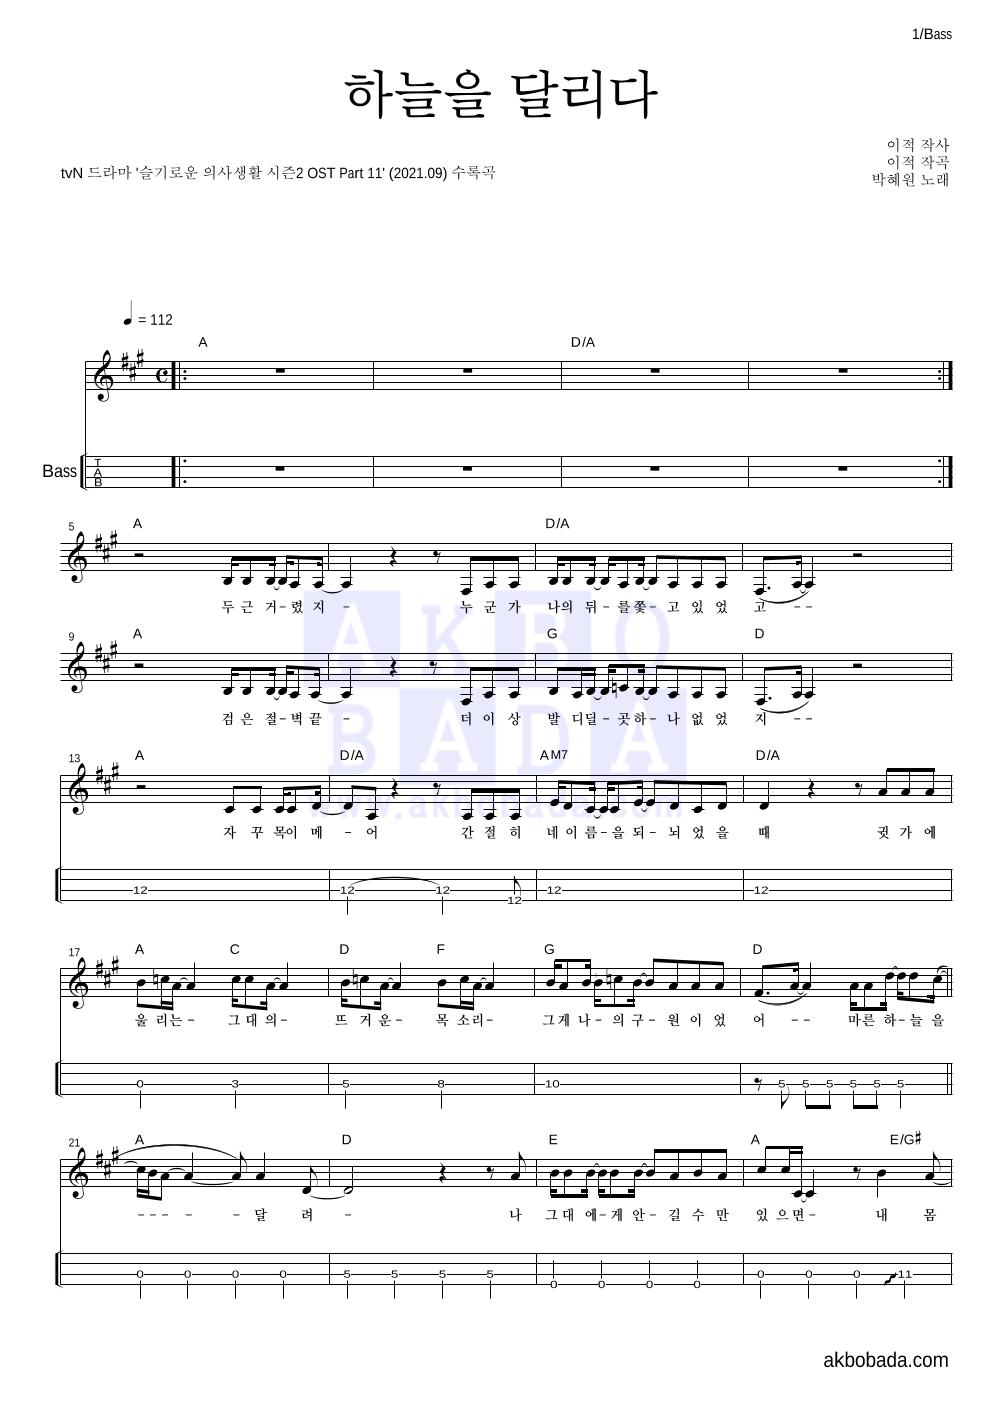 박혜원 - 하늘을 달리다 베이스(Tab) 악보